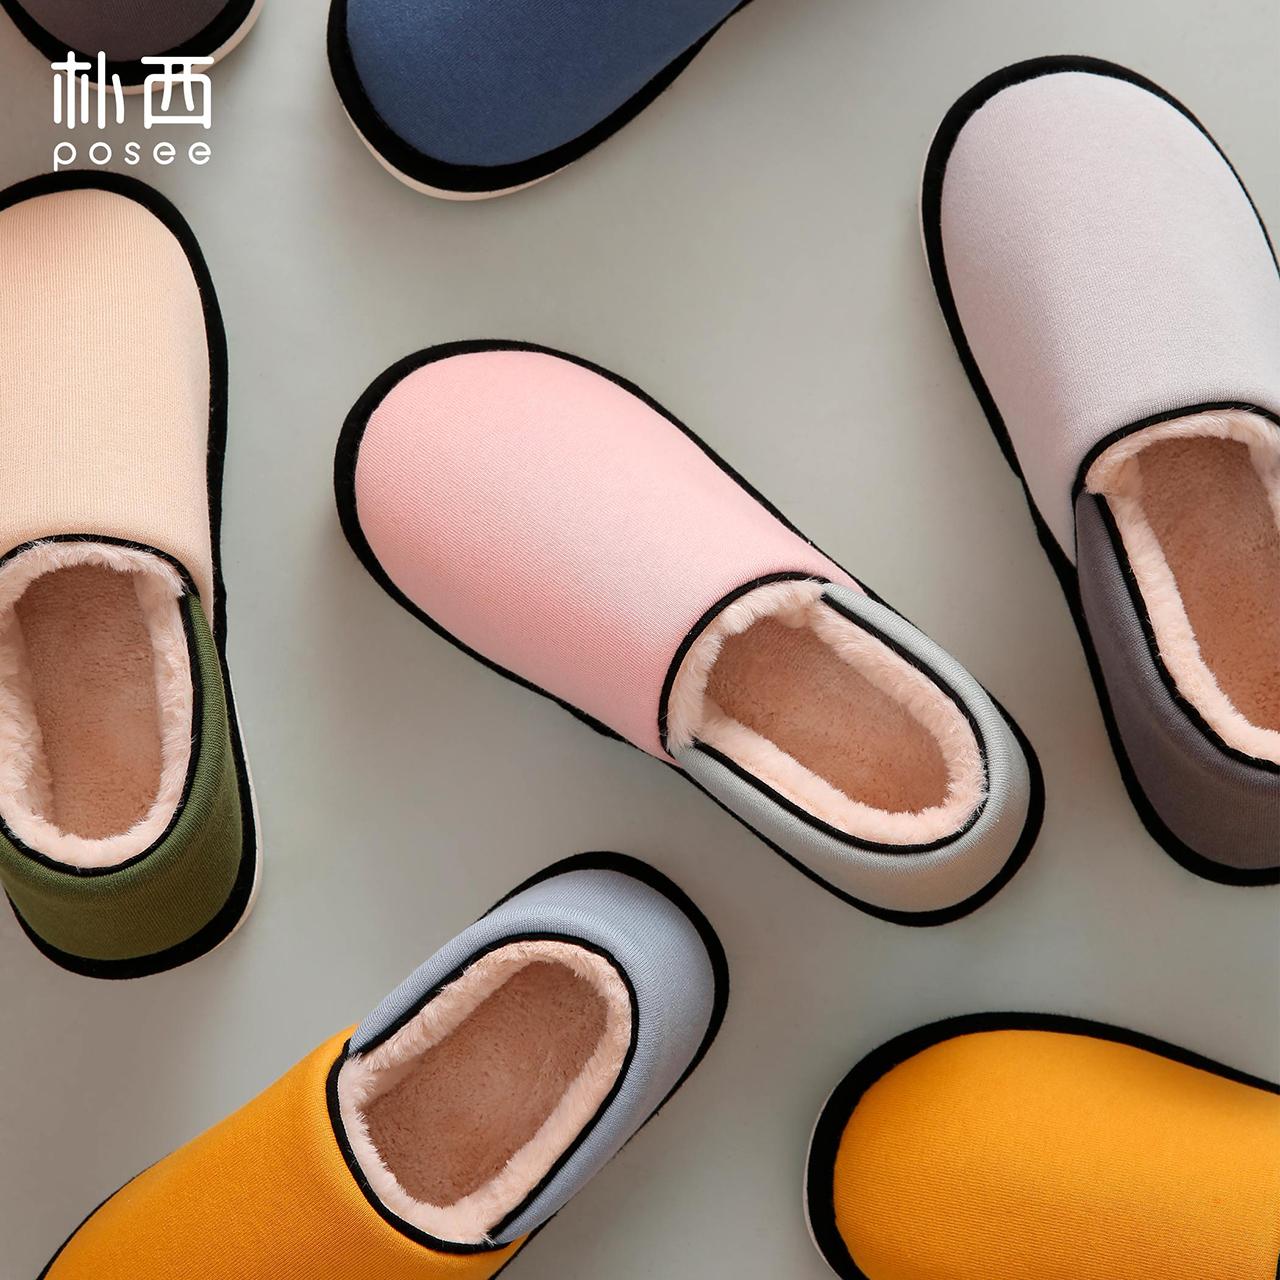 朴西室内家居棉鞋女冬季保暖厚底防滑情侣家居棉拖鞋家用秋冬包跟